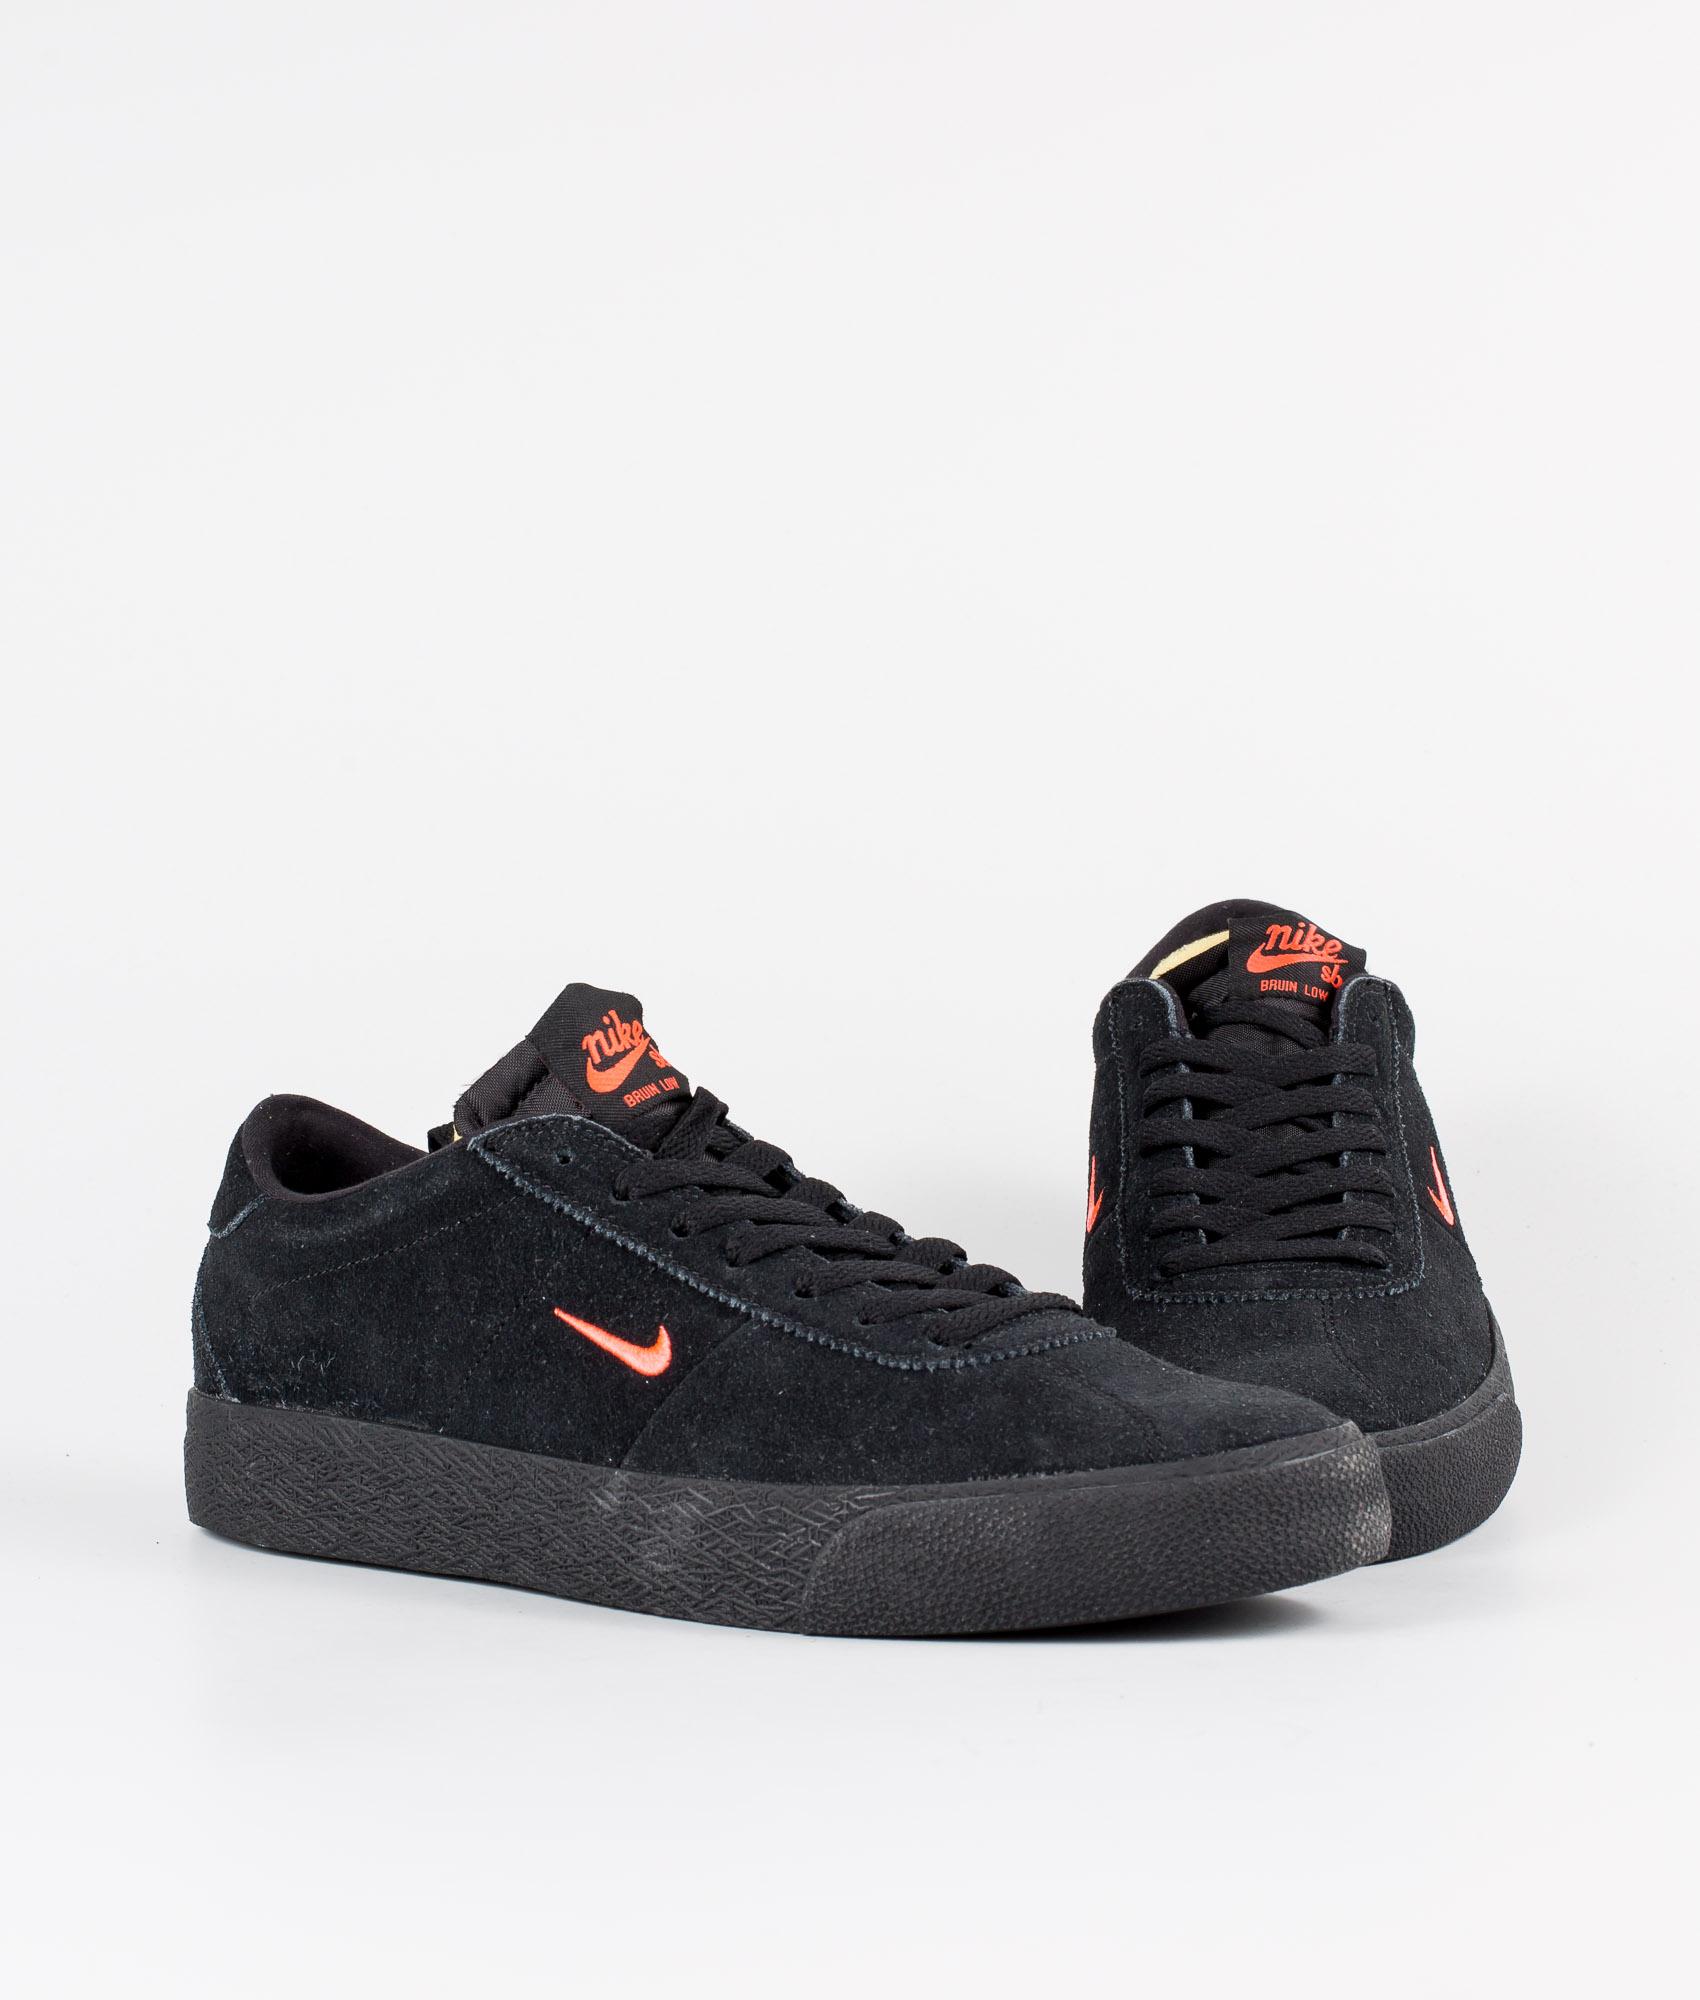 Nike Nike SB Zoom Bruin Sko BlackBright Crimson Black